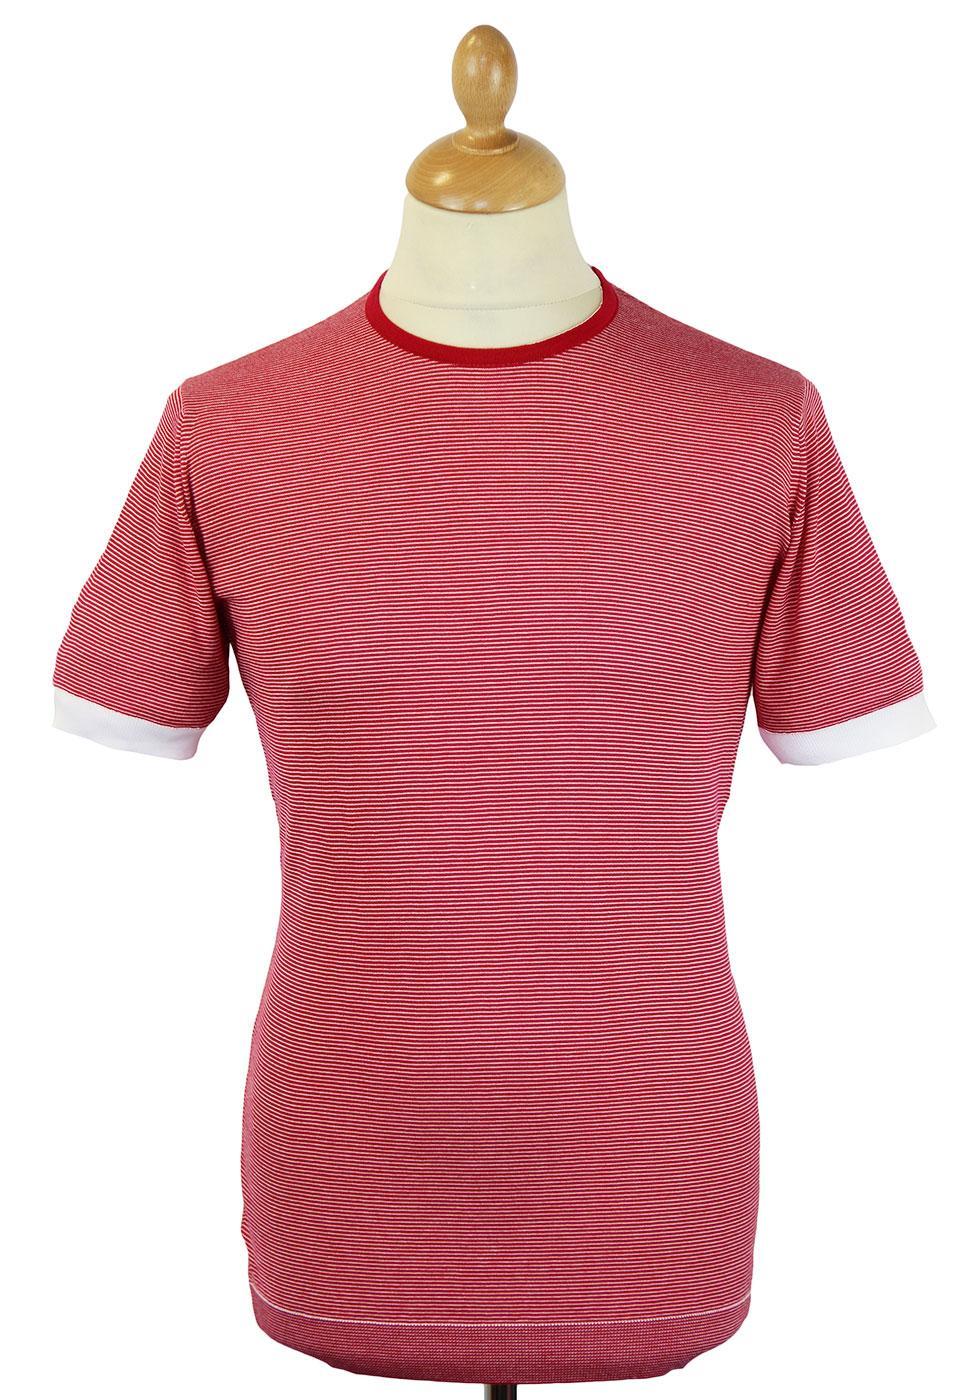 Langston JOHN SMEDLEY 60s Mod Fine Stripe T-shirt